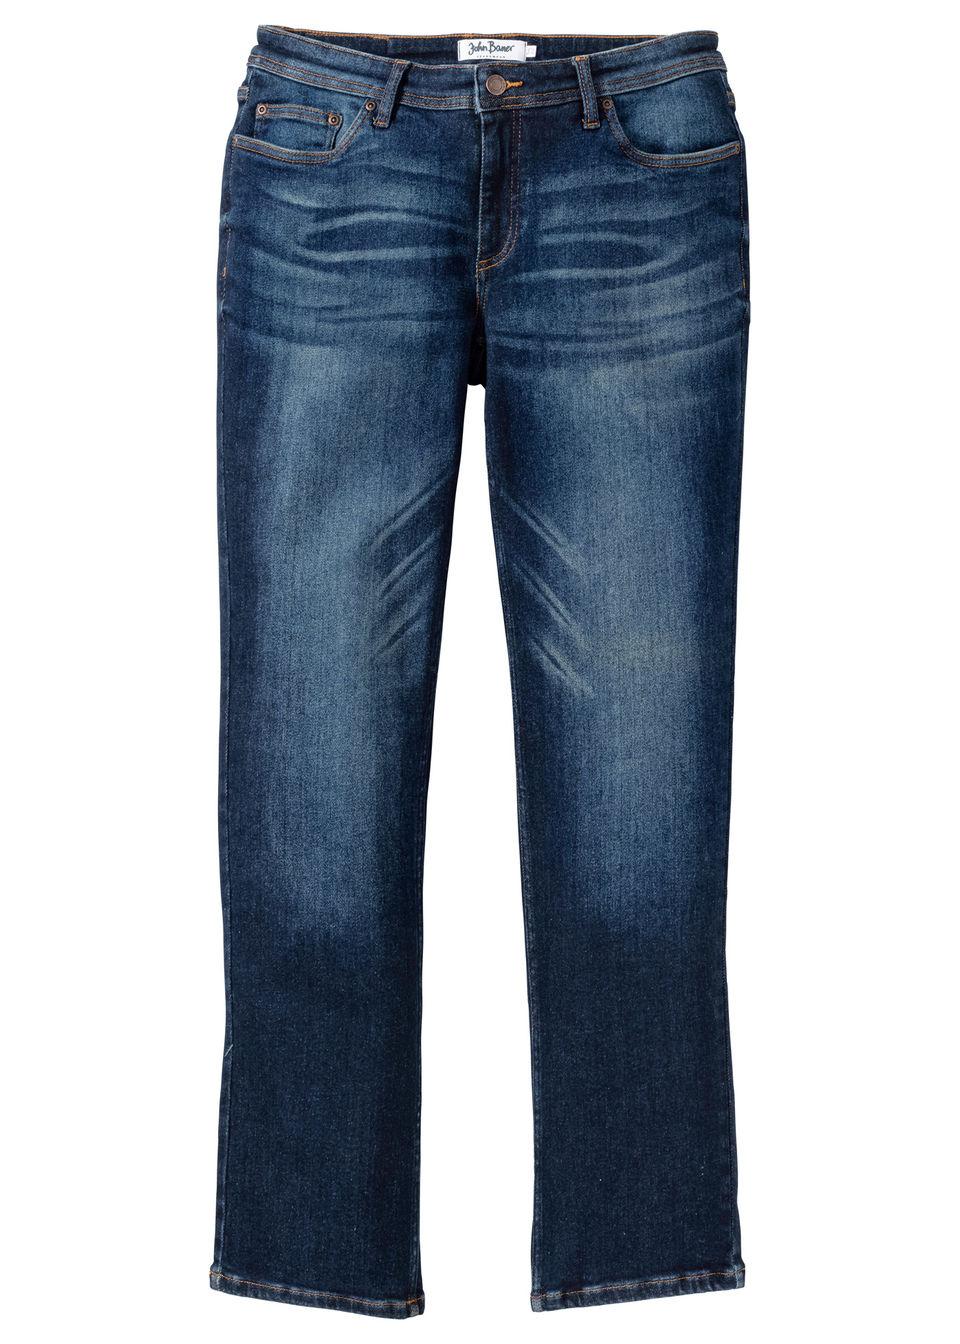 Купить Джинсы эластичные Regular Fit, bonprix, темно-синий «потертый»